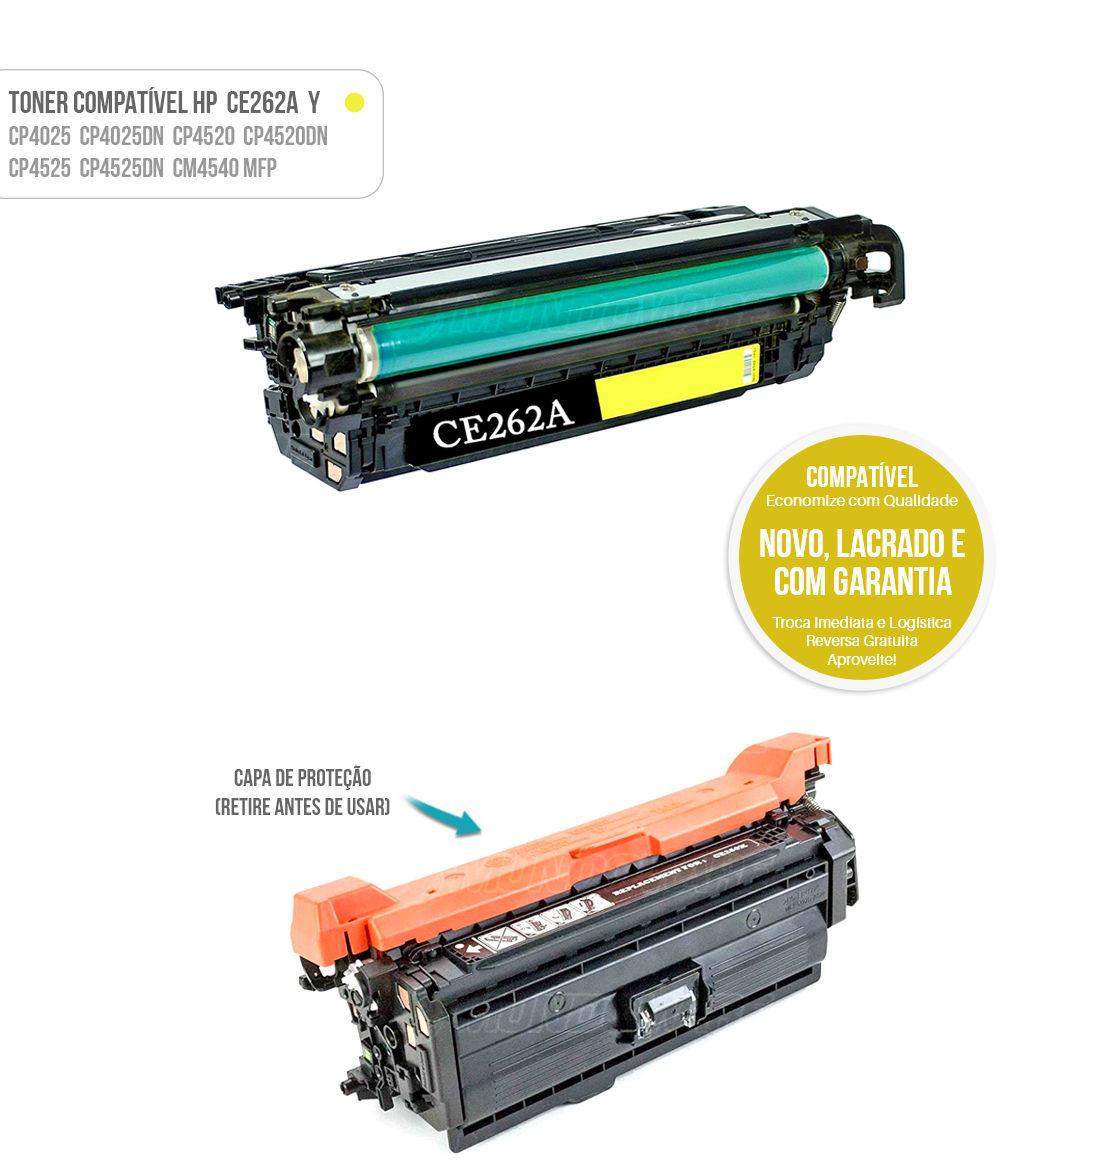 Toner Compatível Yellow CE262A CE-262 A para impressora Laser Color HP CP4025 CP4520 CM4540 CP4525DN 4025DN 4520DN